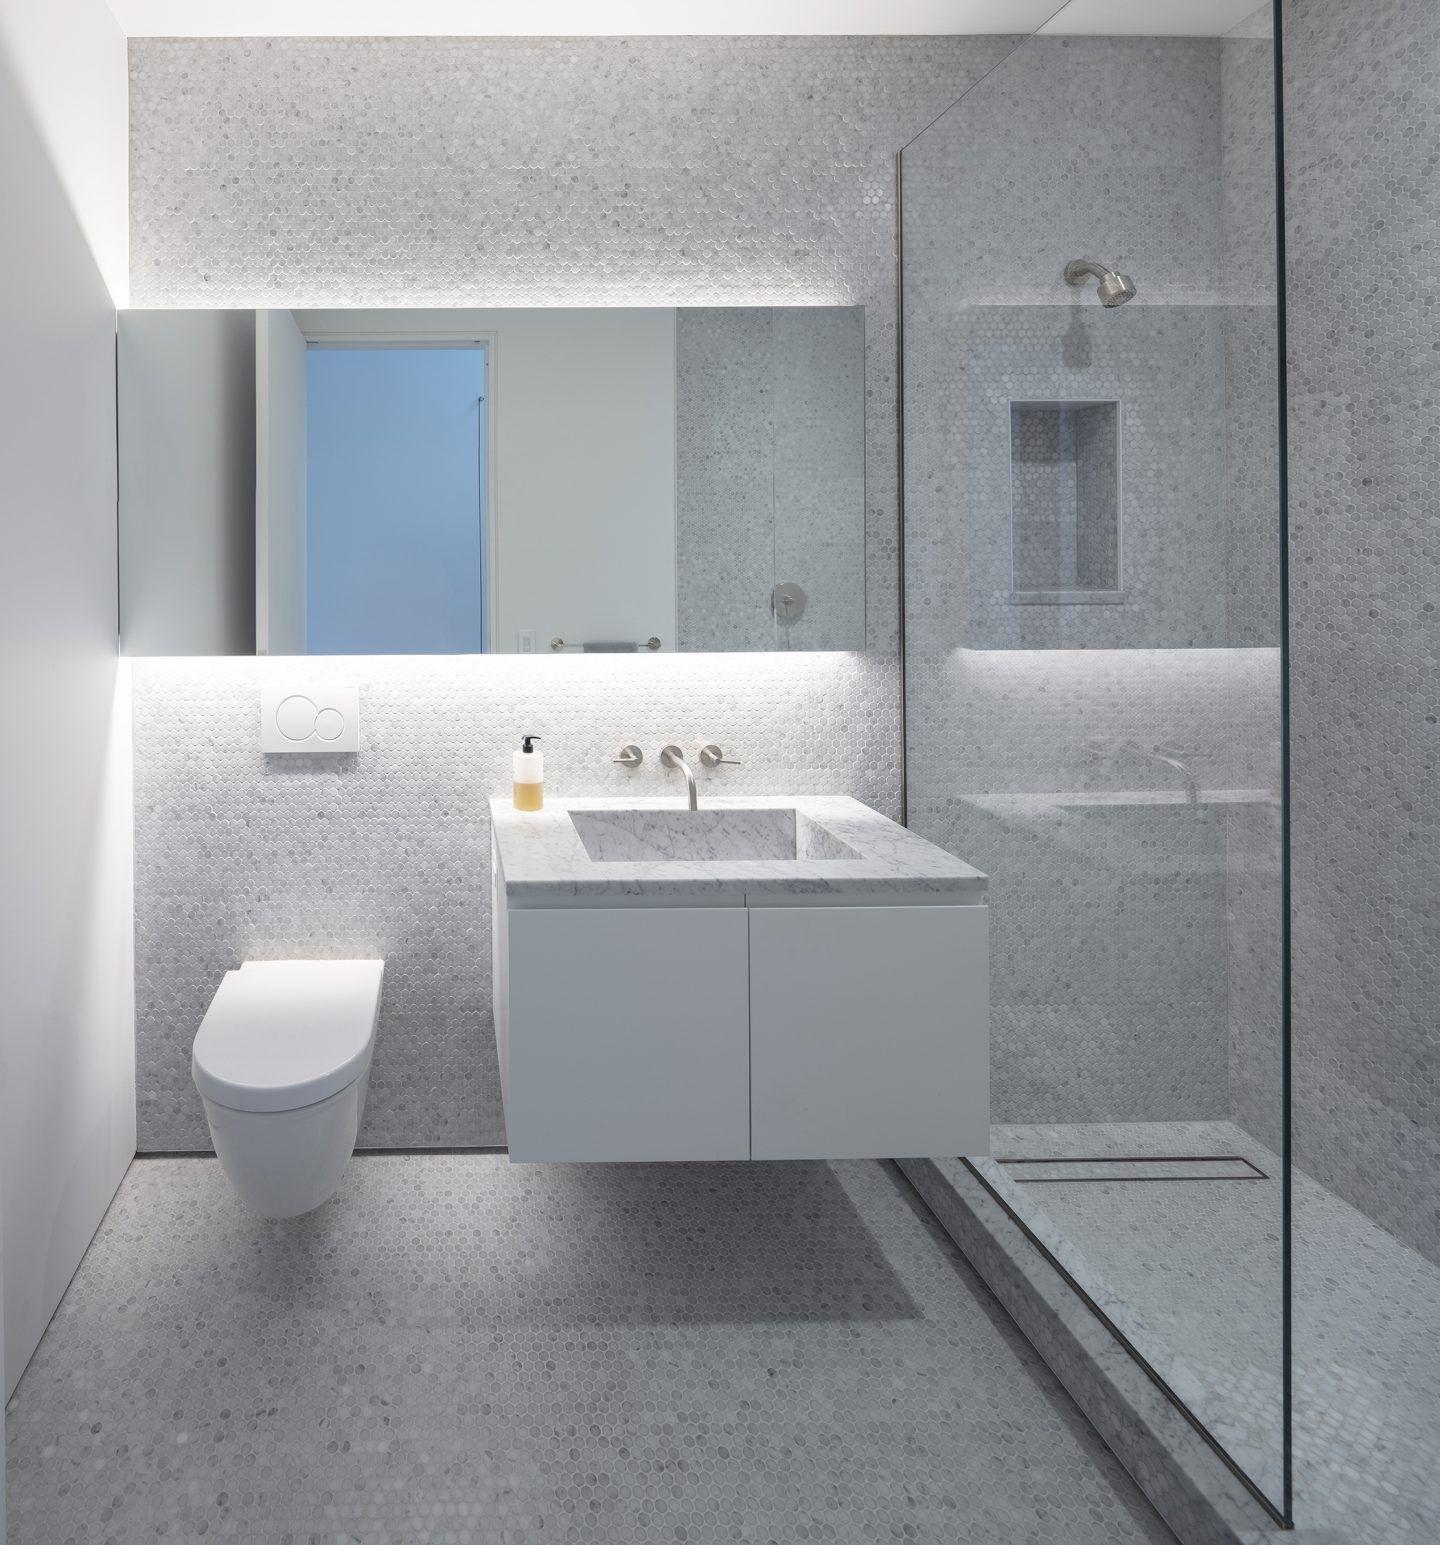 IGNANT-Architecture-LedgeHouse-10